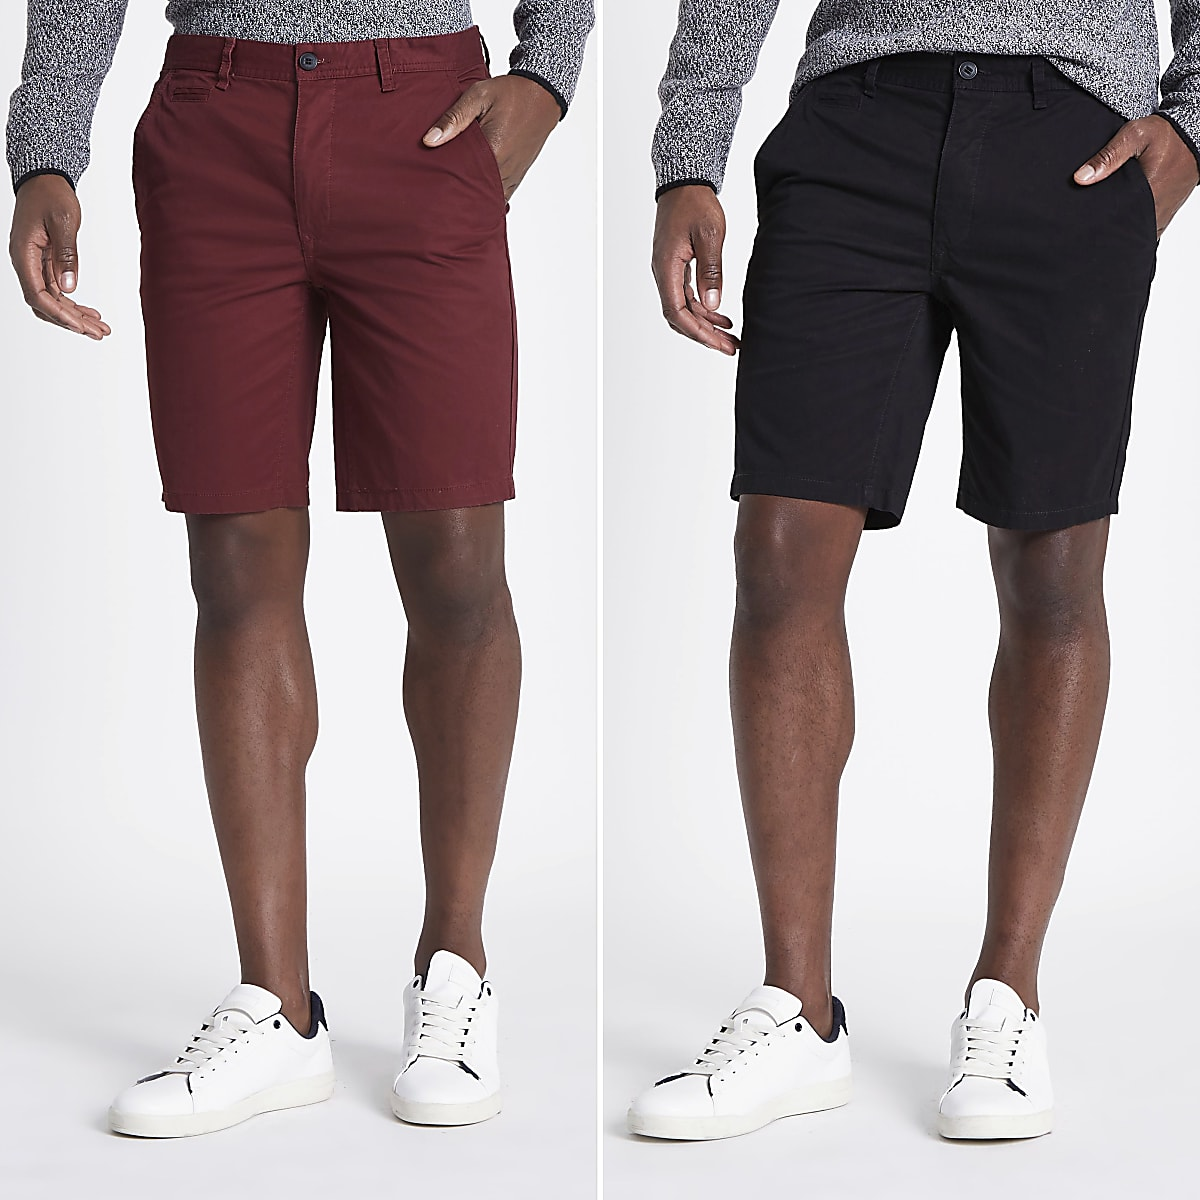 Chino Korte Broek Heren.Set Van 2 Zwarte Slim Fit Chino Shorts Geklede Shorts Shorts Heren